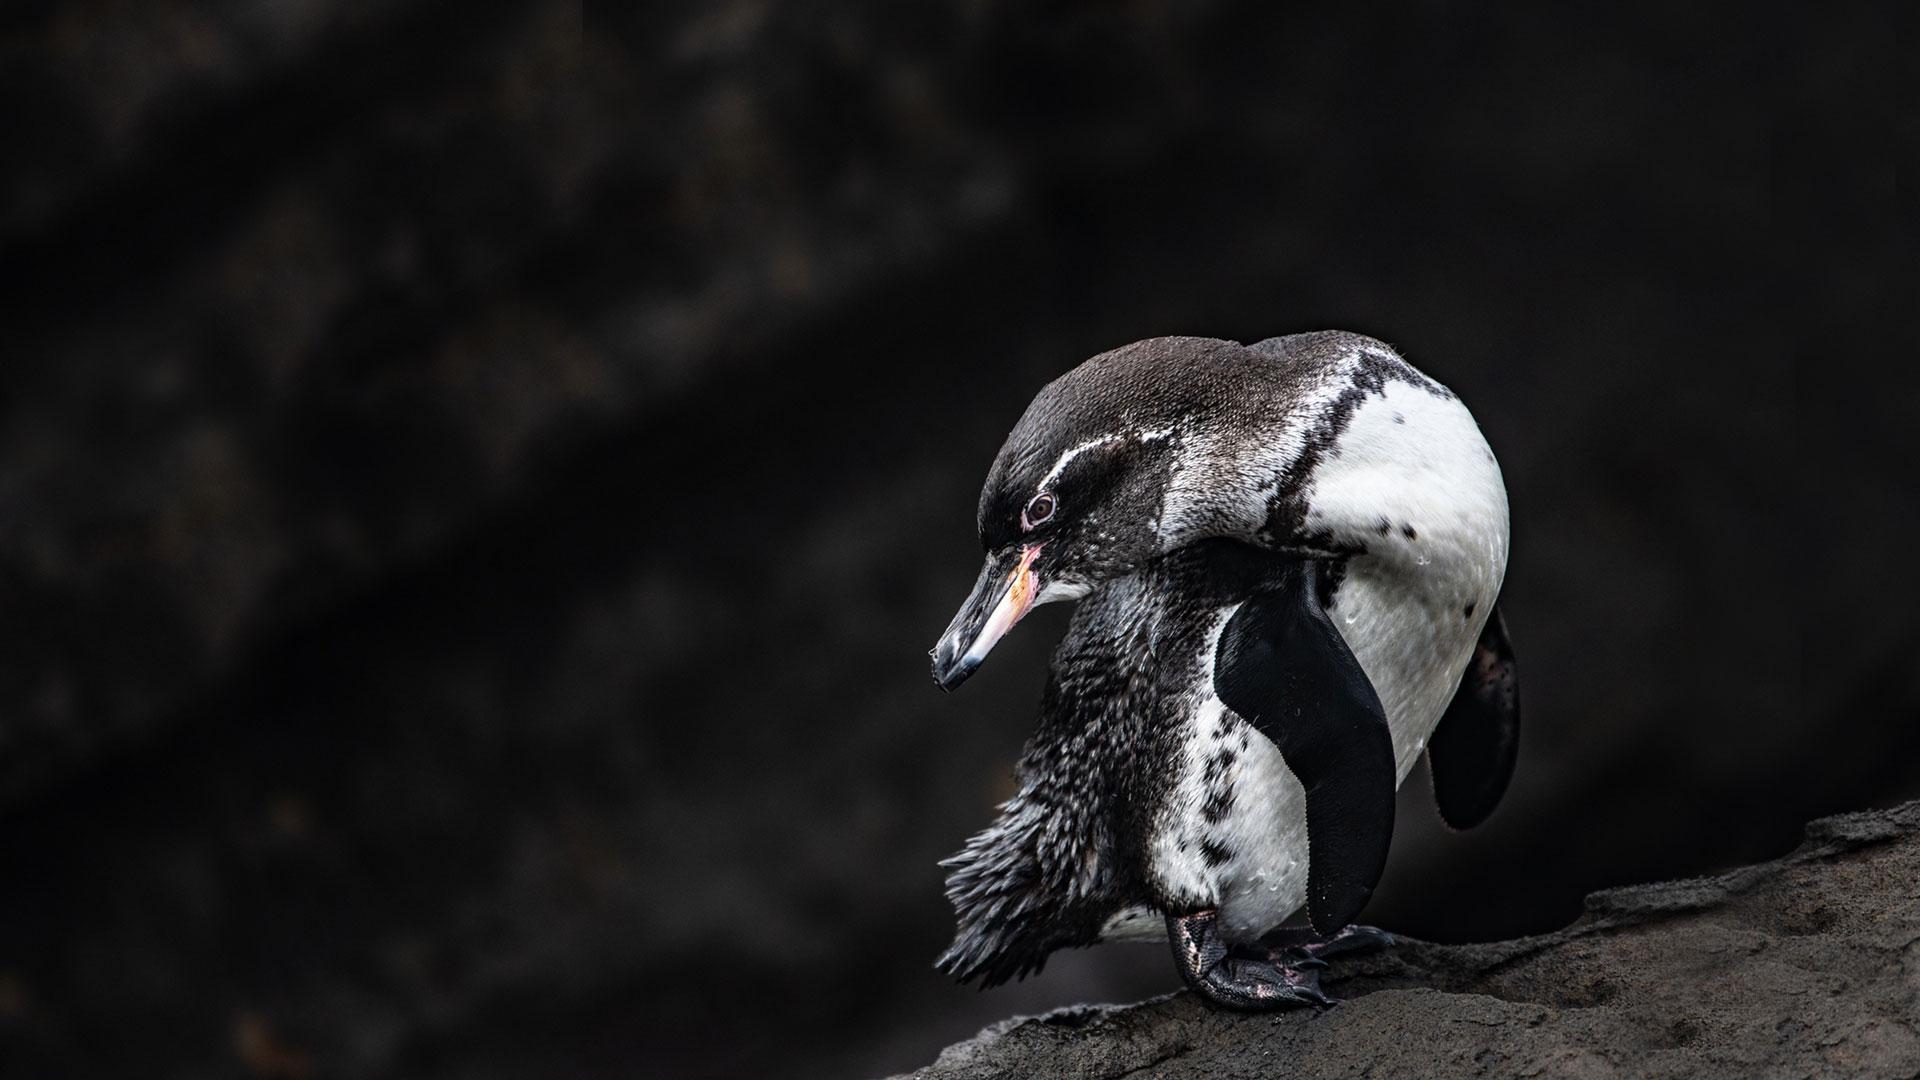 Pingüinos en la Isla Galápagos, animales exóticos miembros de la lista BIG15